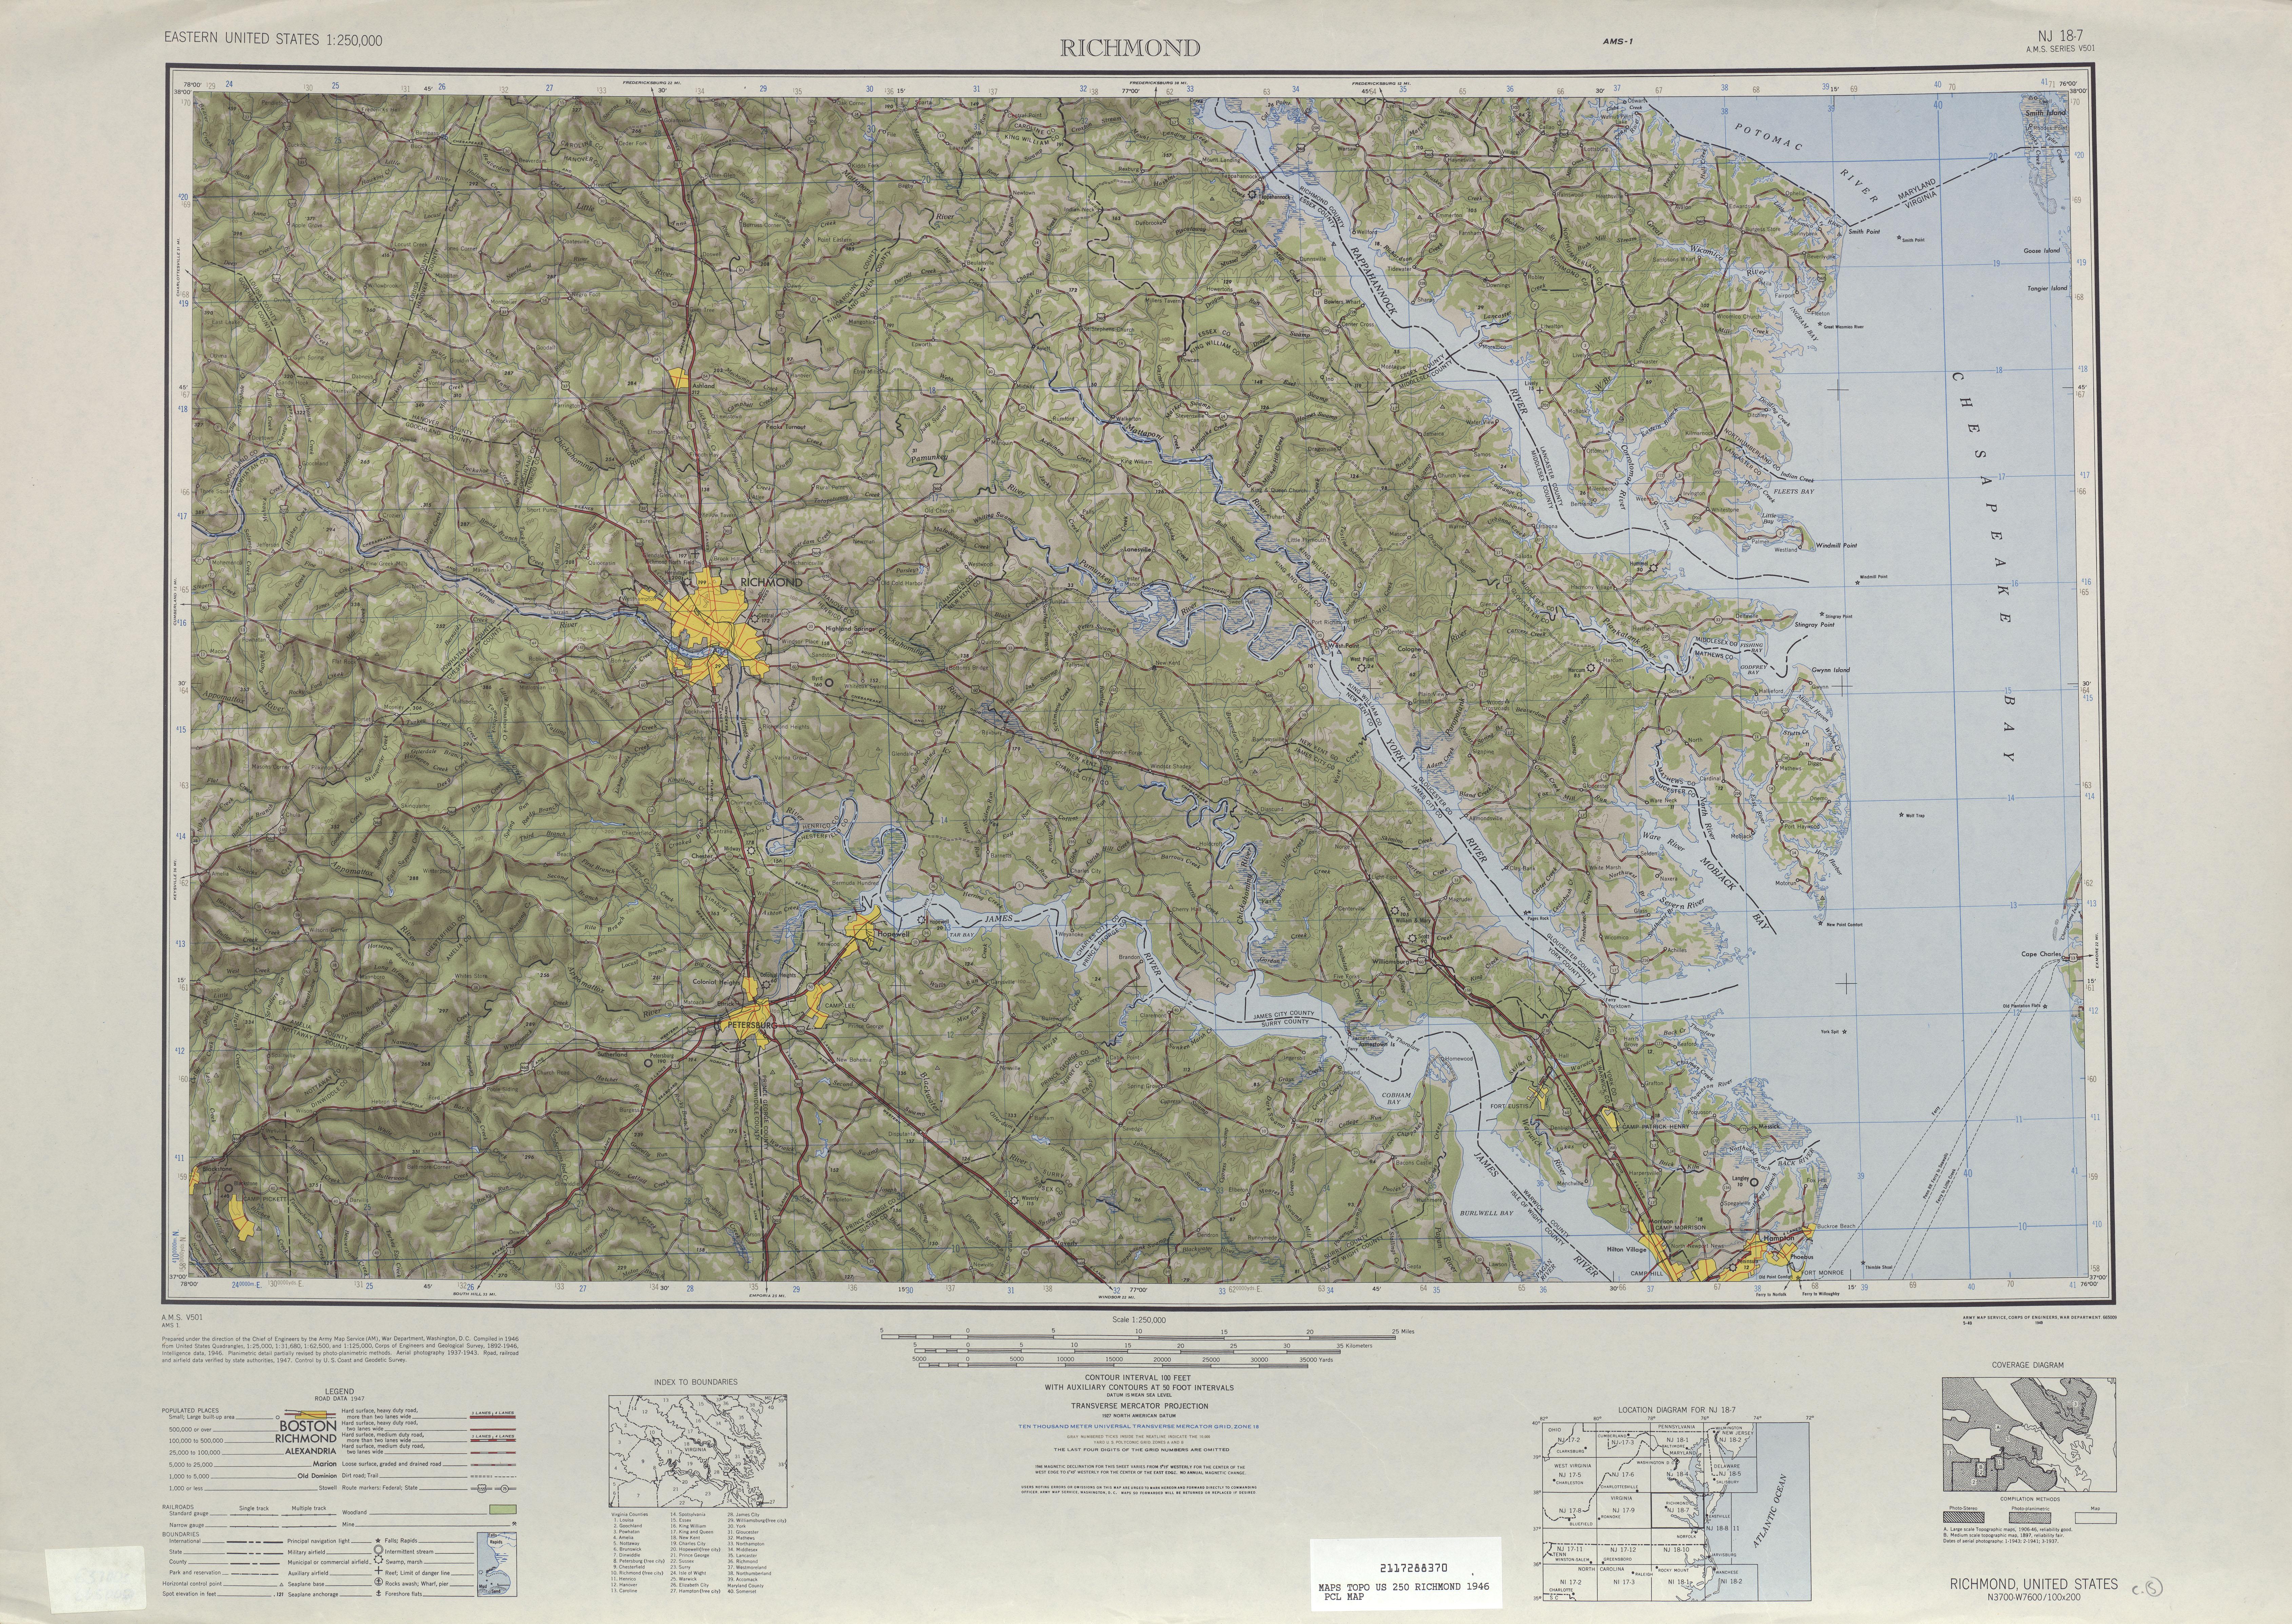 Hoja Richmond del Mapa Topográfico de los Estados Unidos 1946